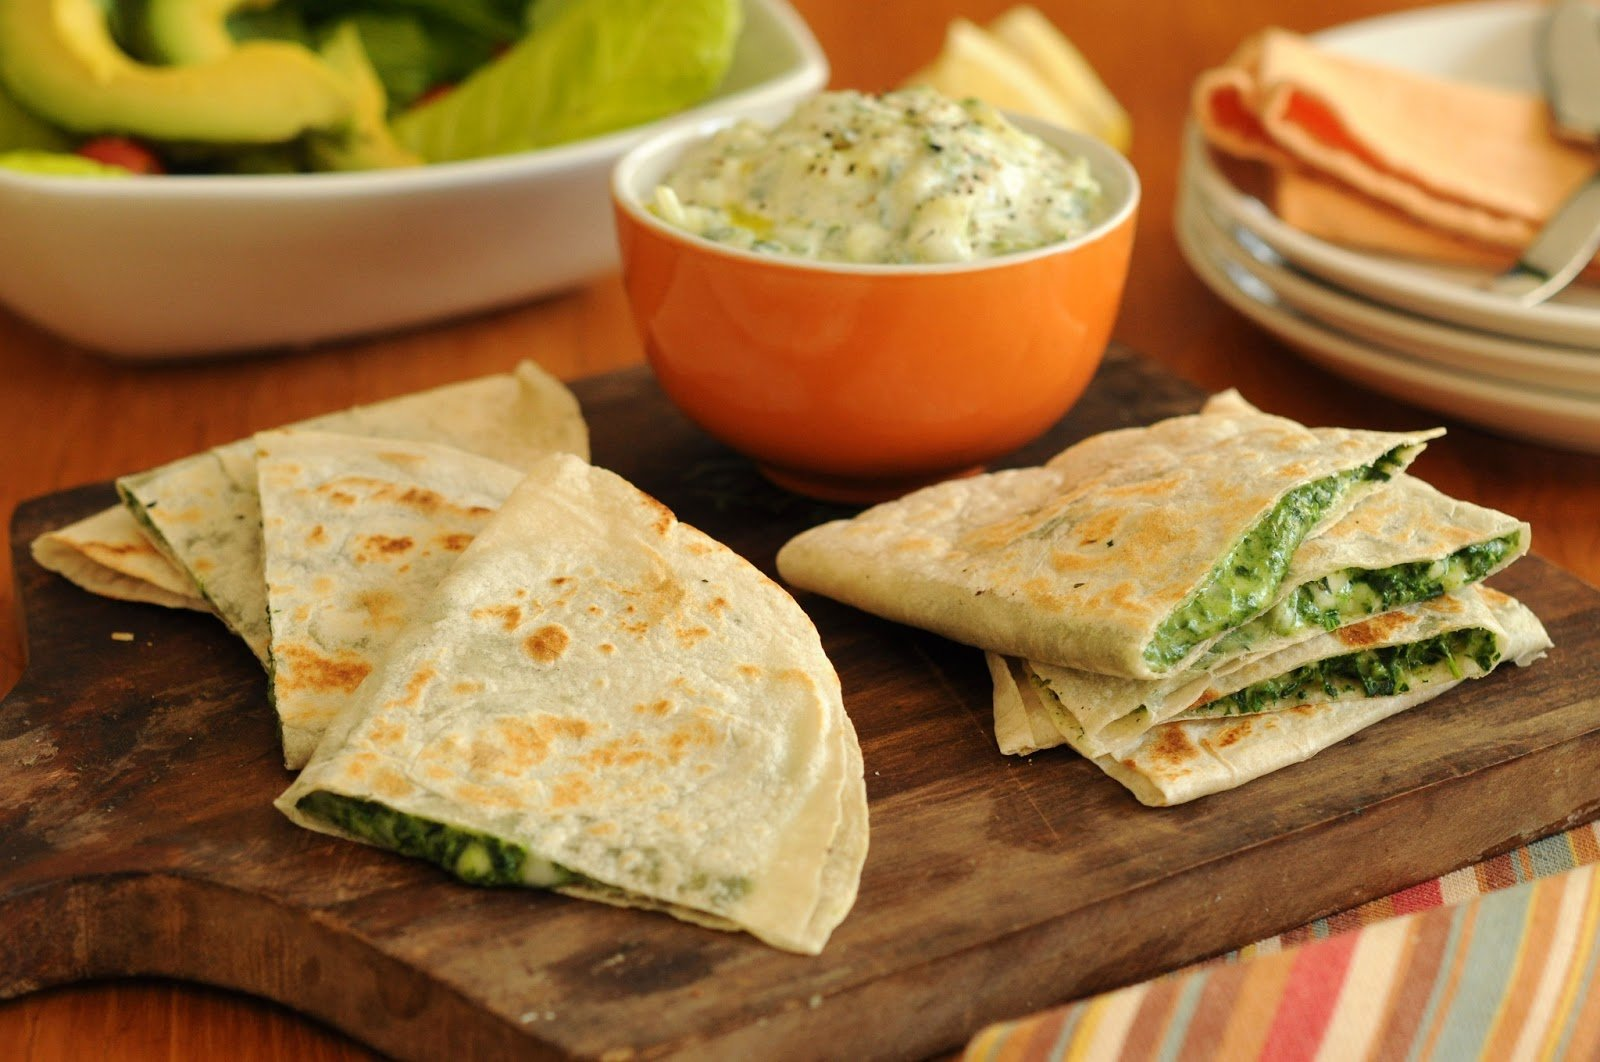 20 comidas que puedes preparar aunque est s en quiebra On comida rapida para preparar